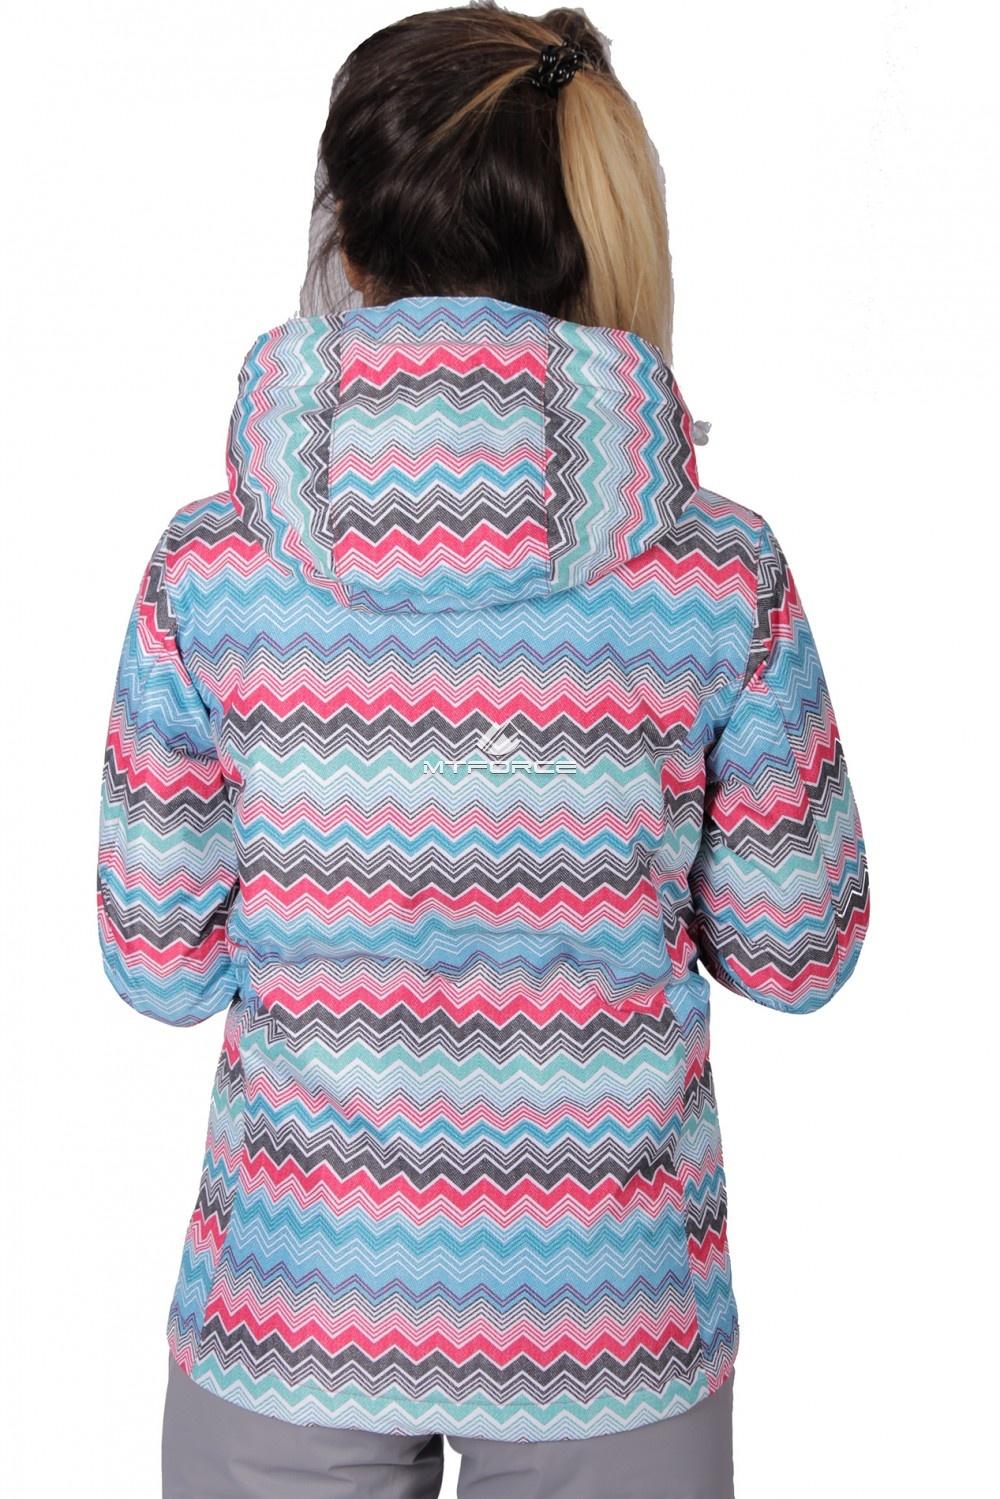 Купить оптом Куртка спортивная женская осень весна розового цвета 1716R в Новосибирске